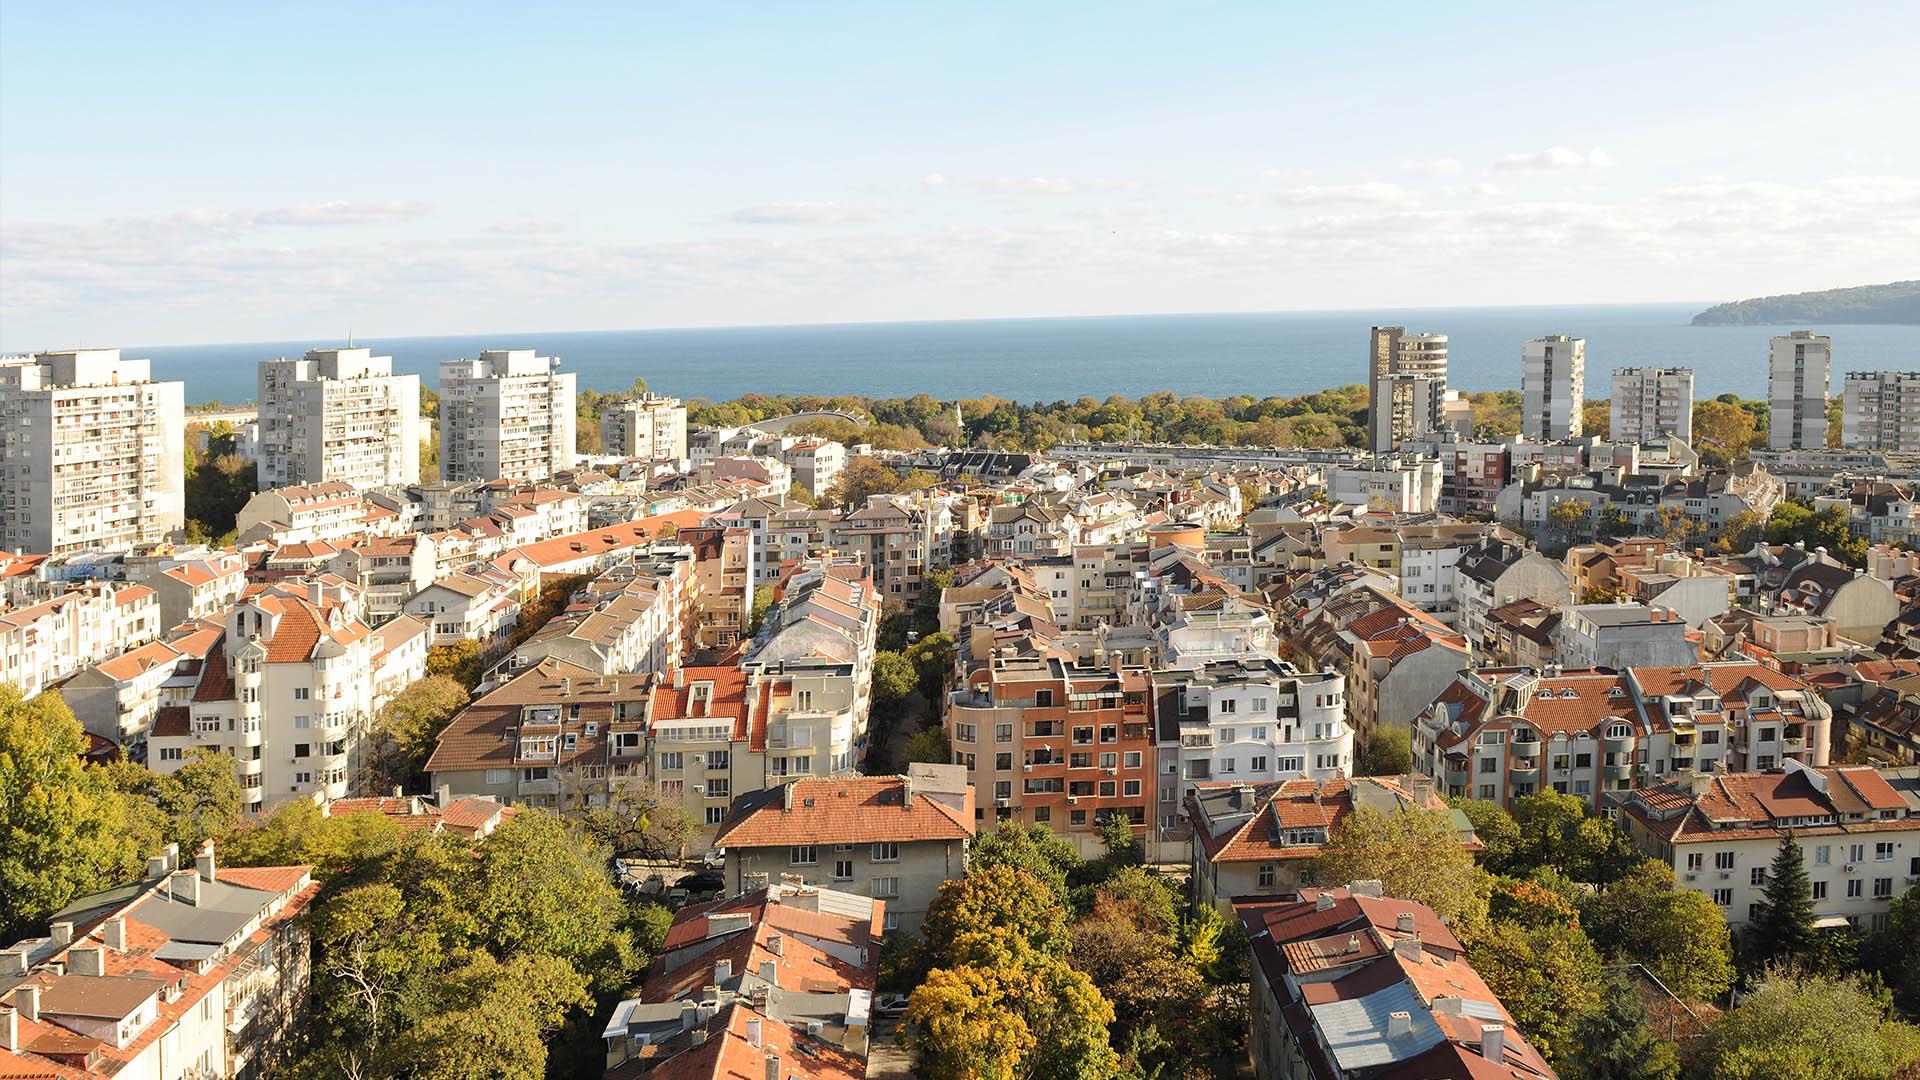 автомобиль гарантирует фото города варна болгария конкурентов-то него